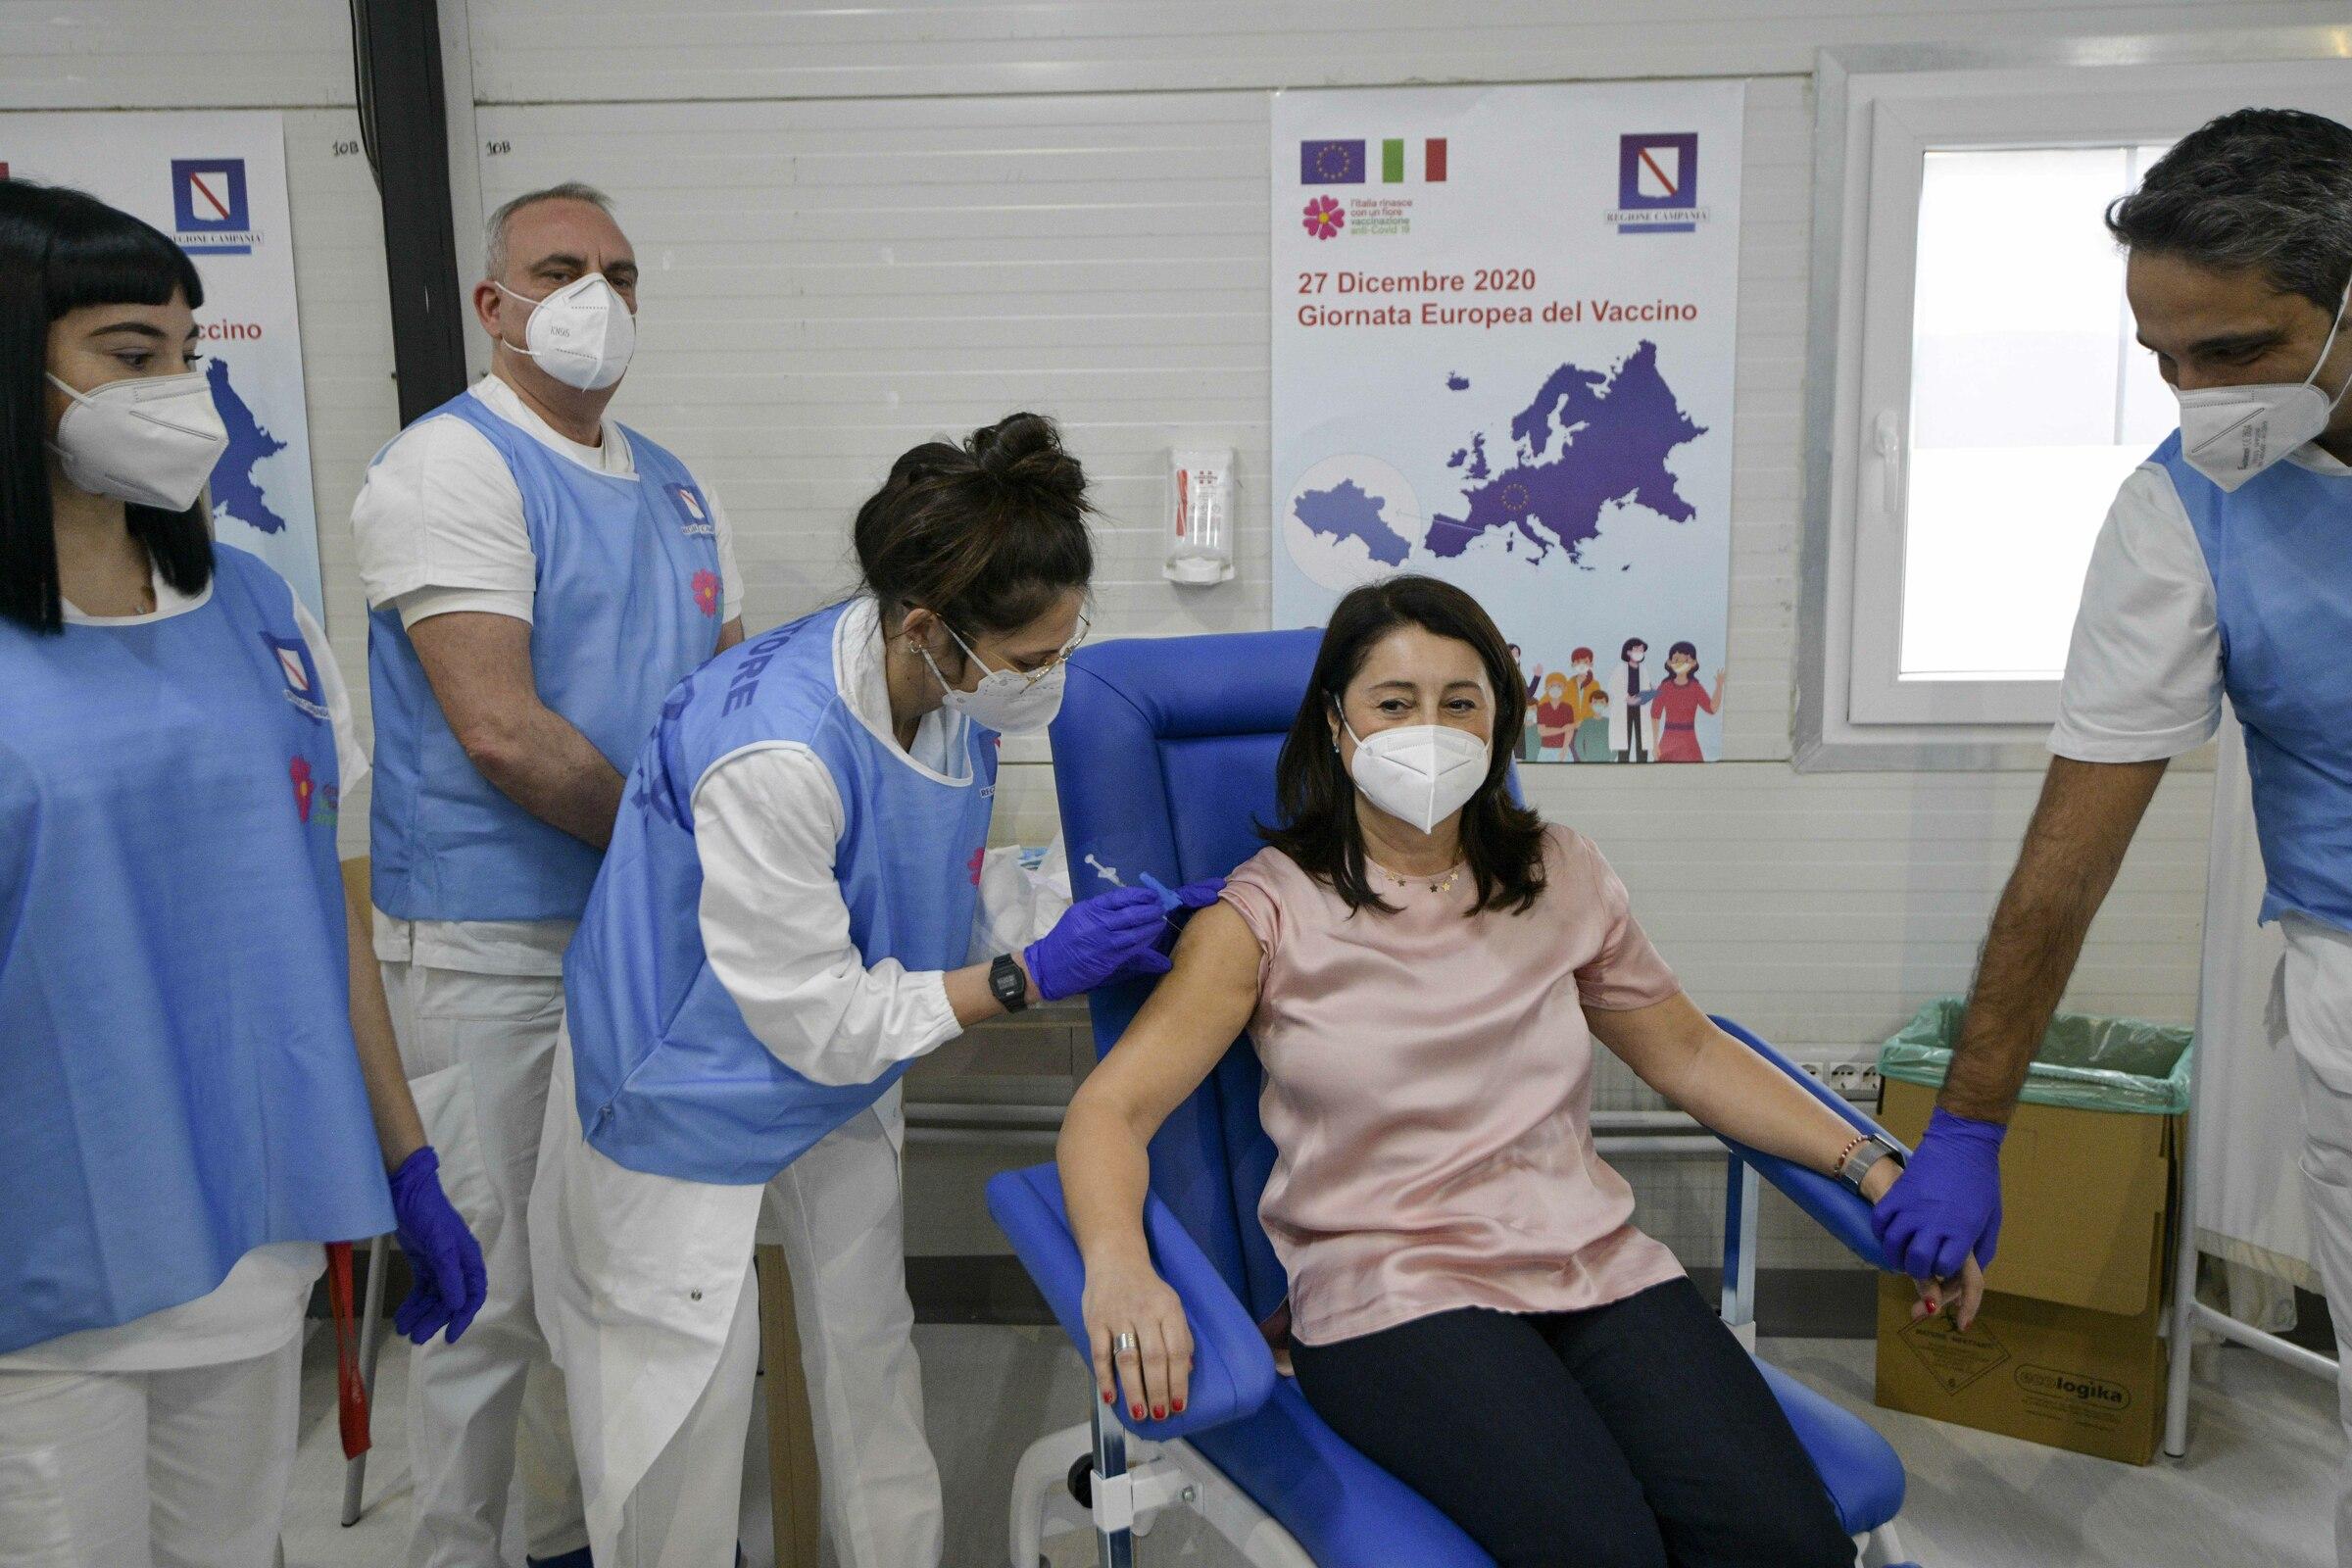 Vaccino: oggi primo giorno di somministrazione in tutta Europa